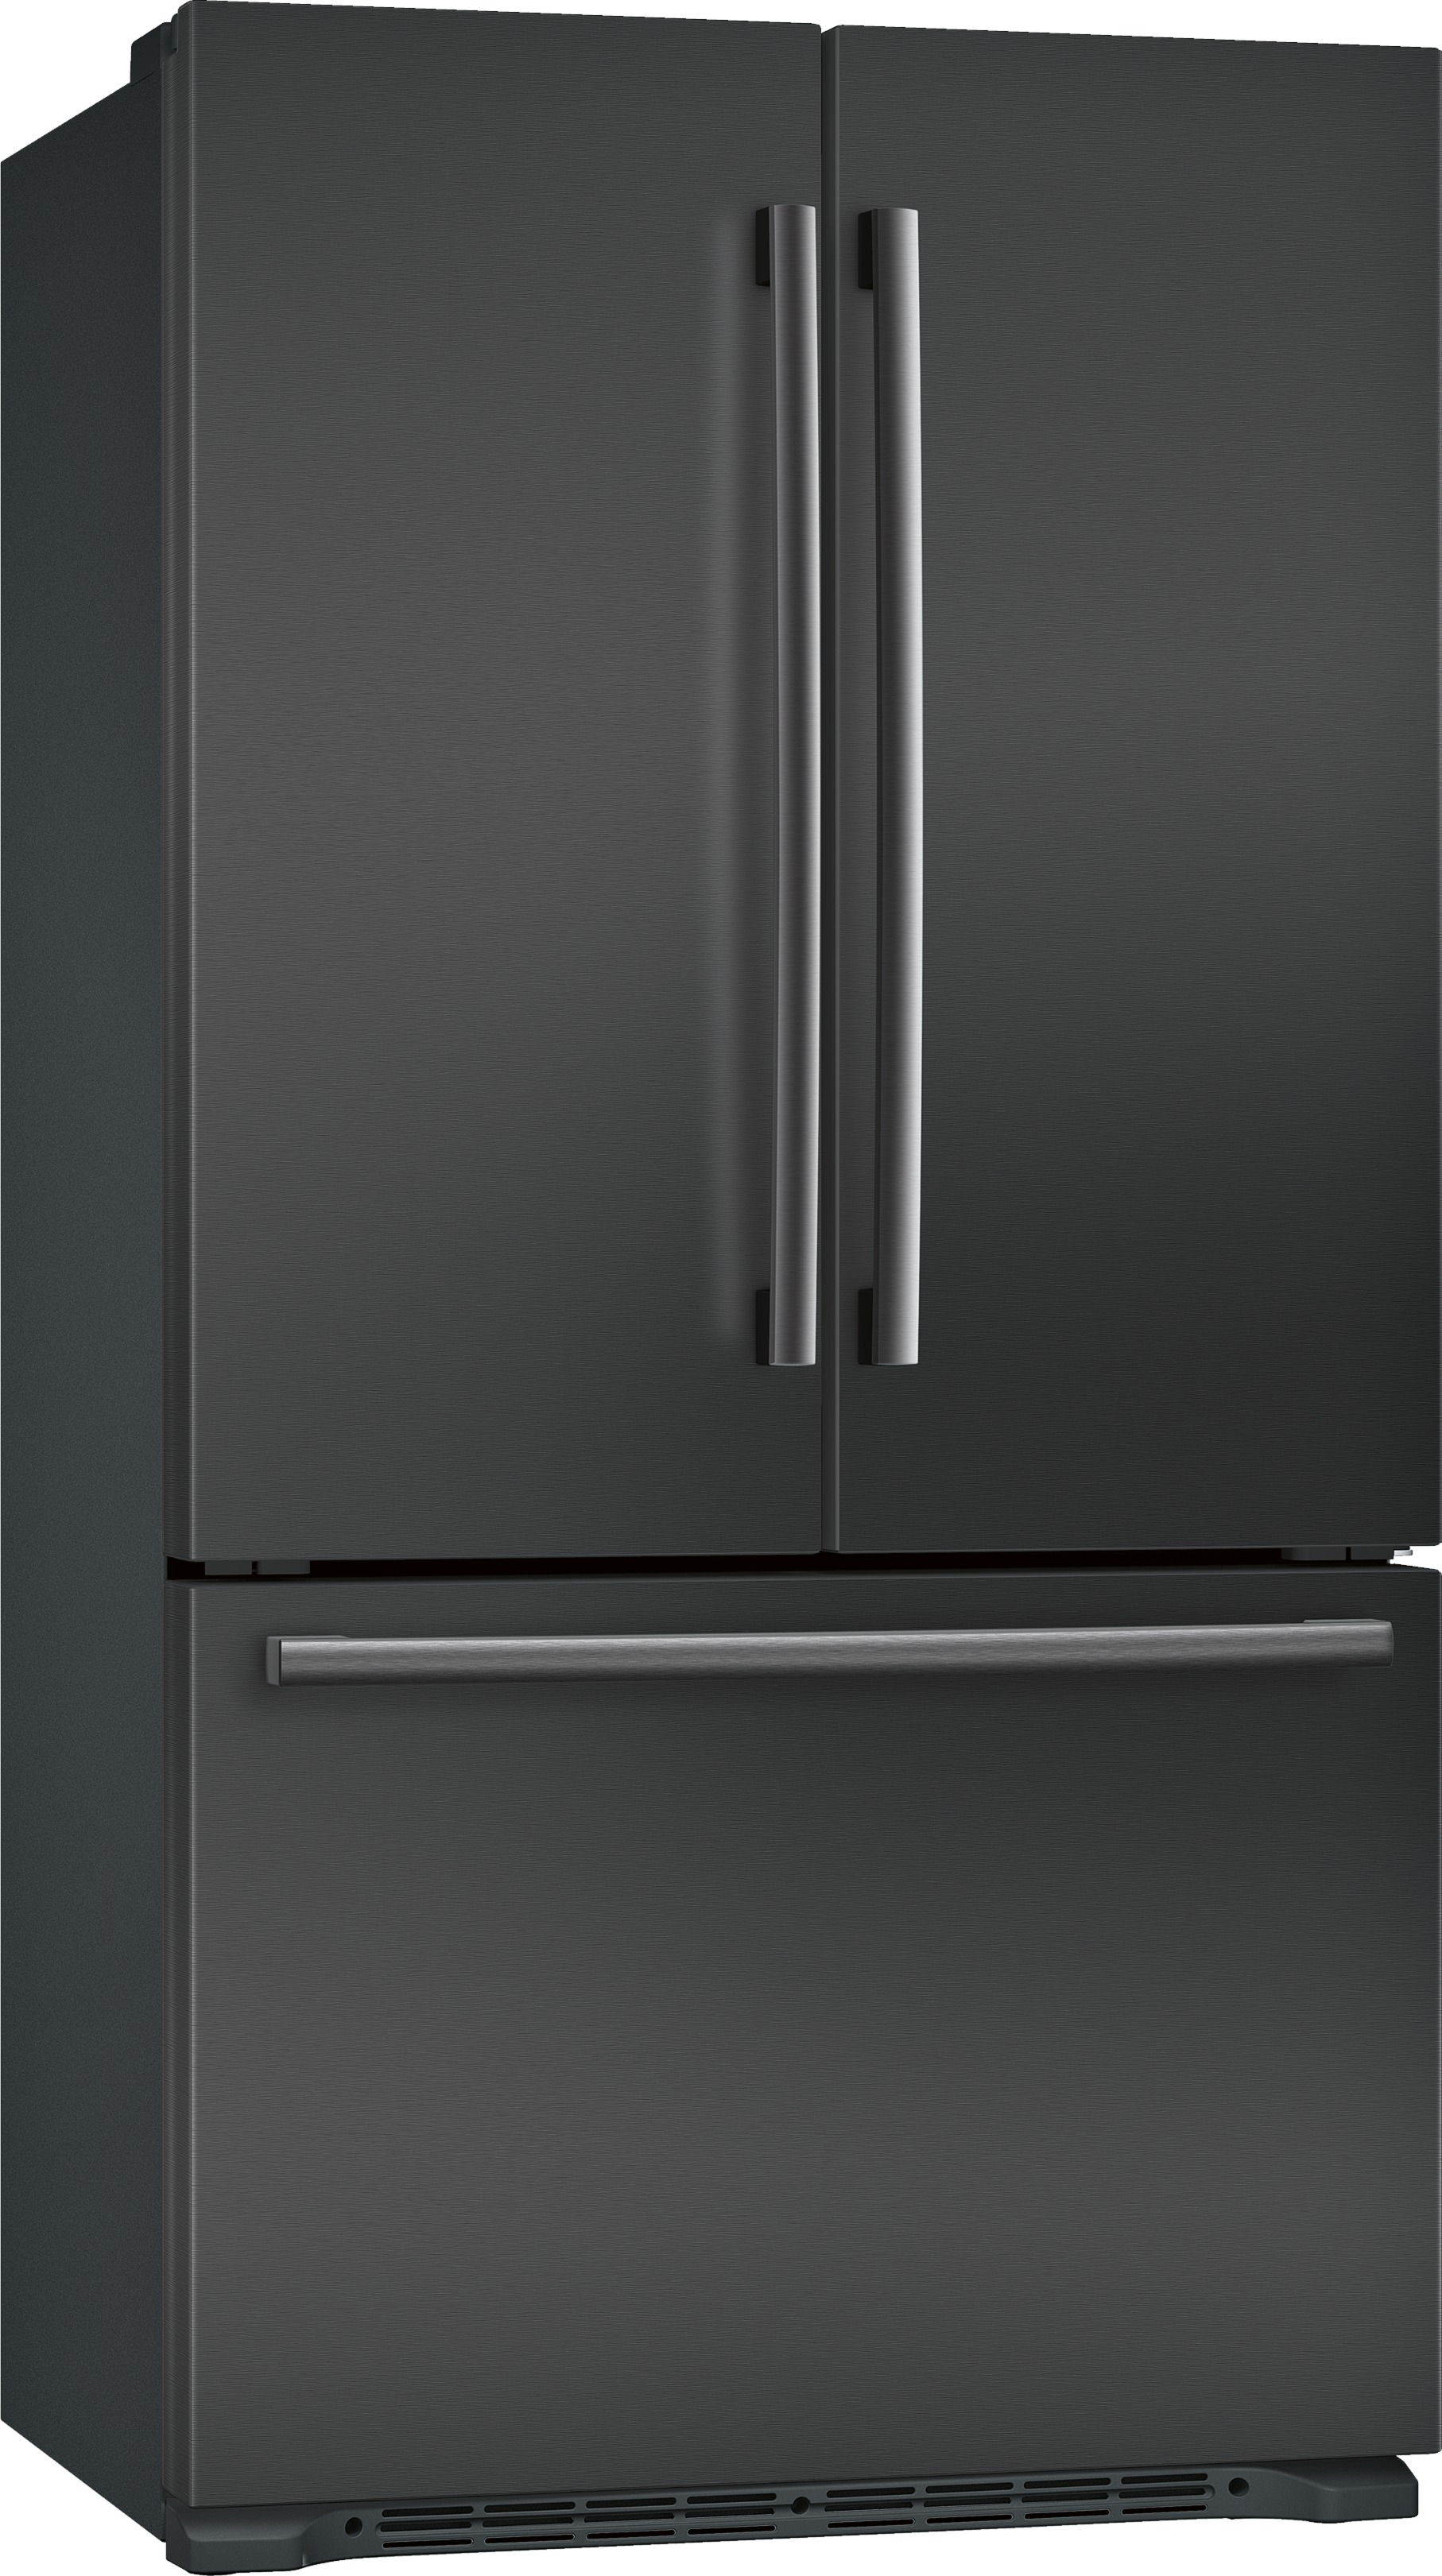 Bosch 800 Series 20 7 Cu Ft Counter Depth 3 Door